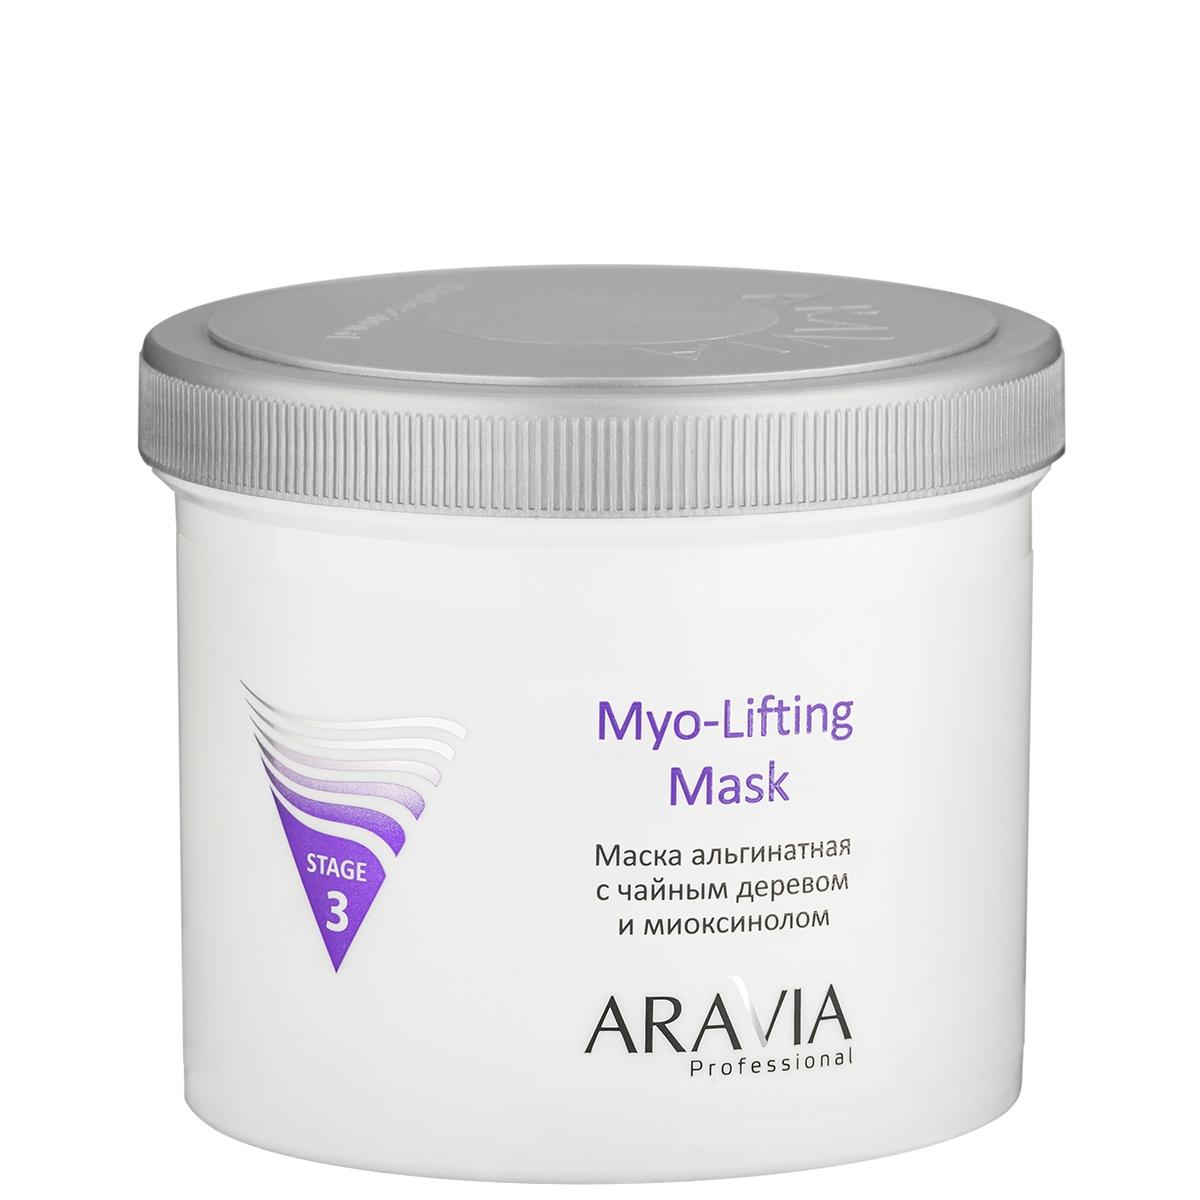 ARAVIA Маска альгинатная с чайным деревом и миоксинолом Myo-Lifting, 550 мл альгинатная маска с миоксинолом